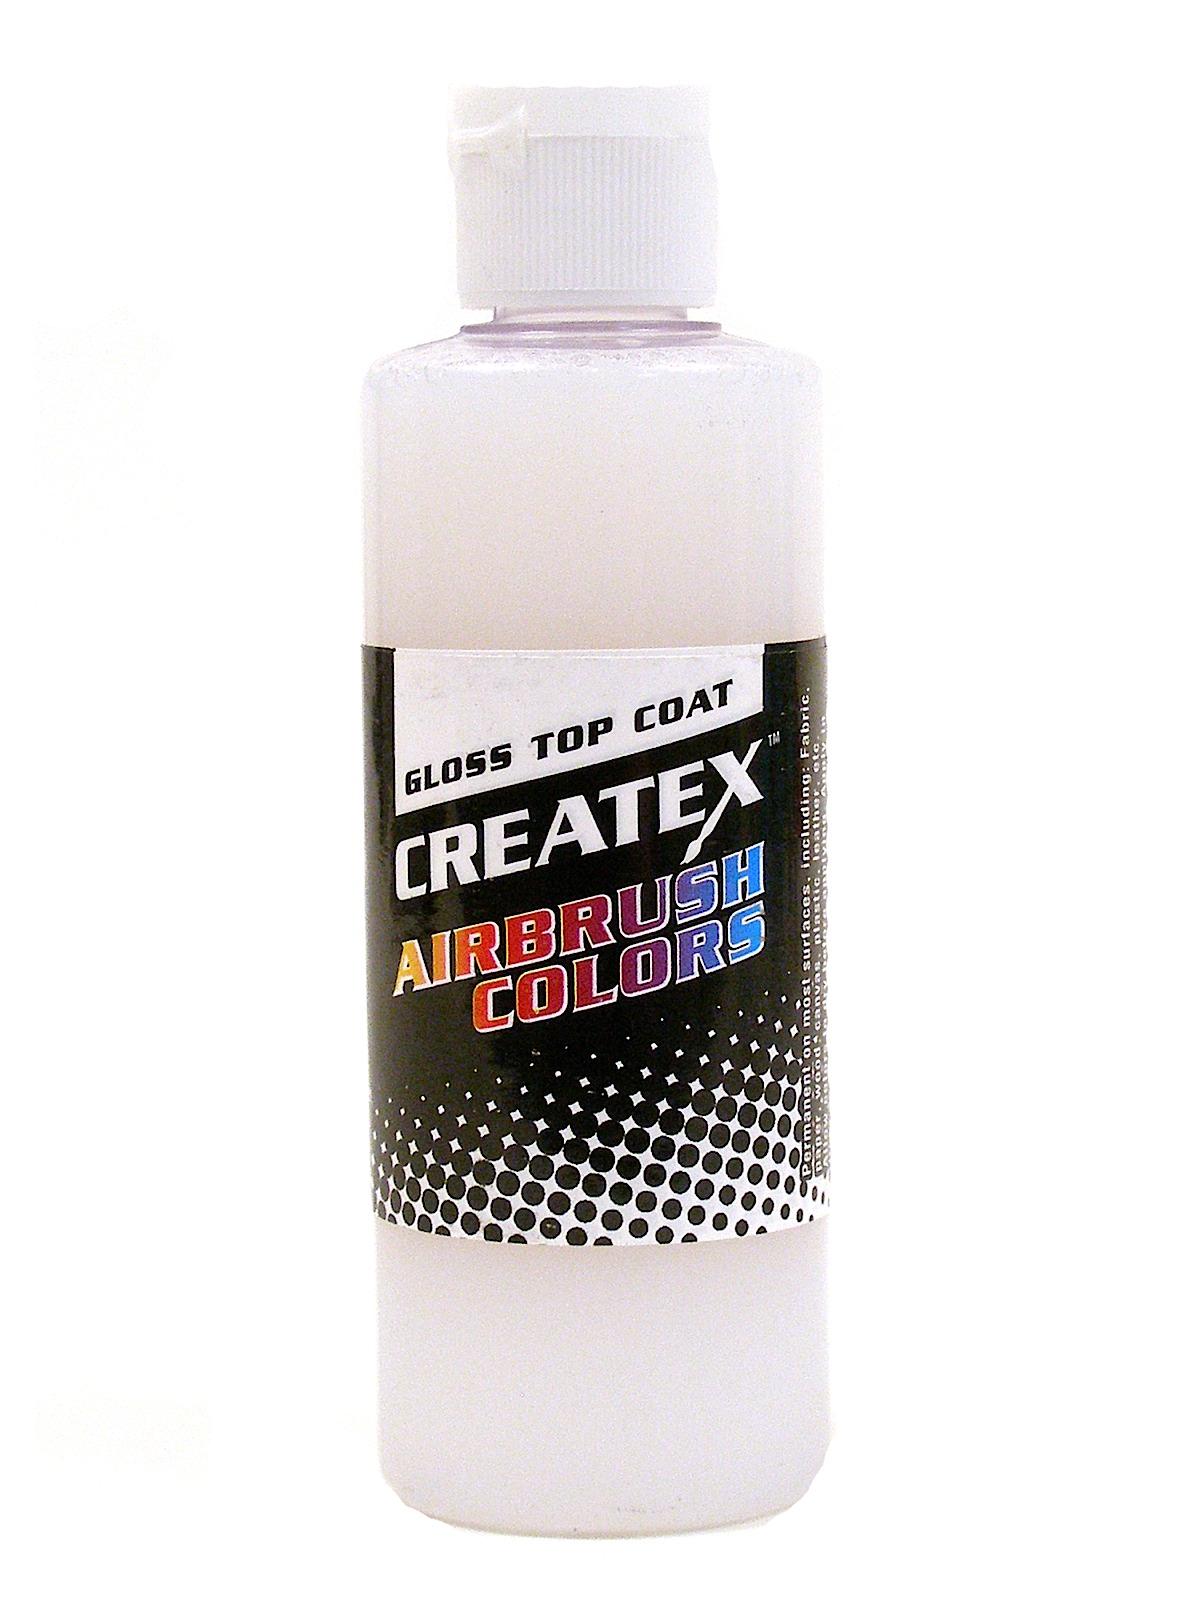 Airbrush Gloss Top Coat